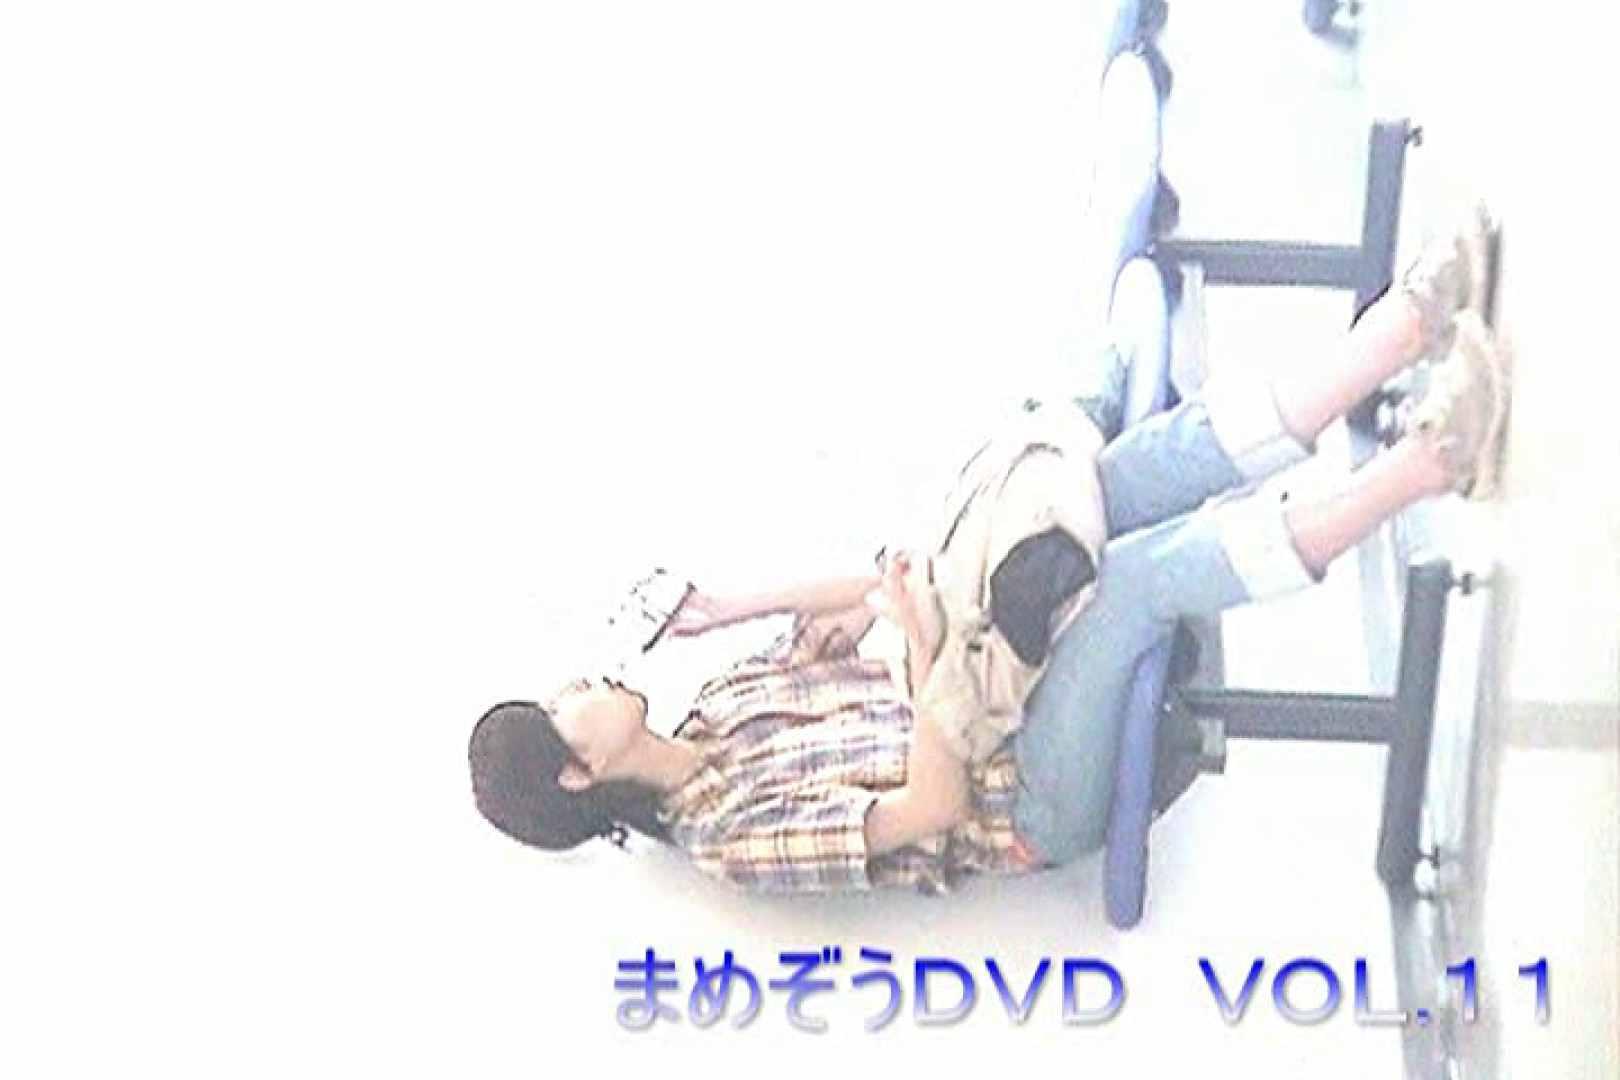 まめぞうDVD完全版VOL.11 ギャル  57pic 12